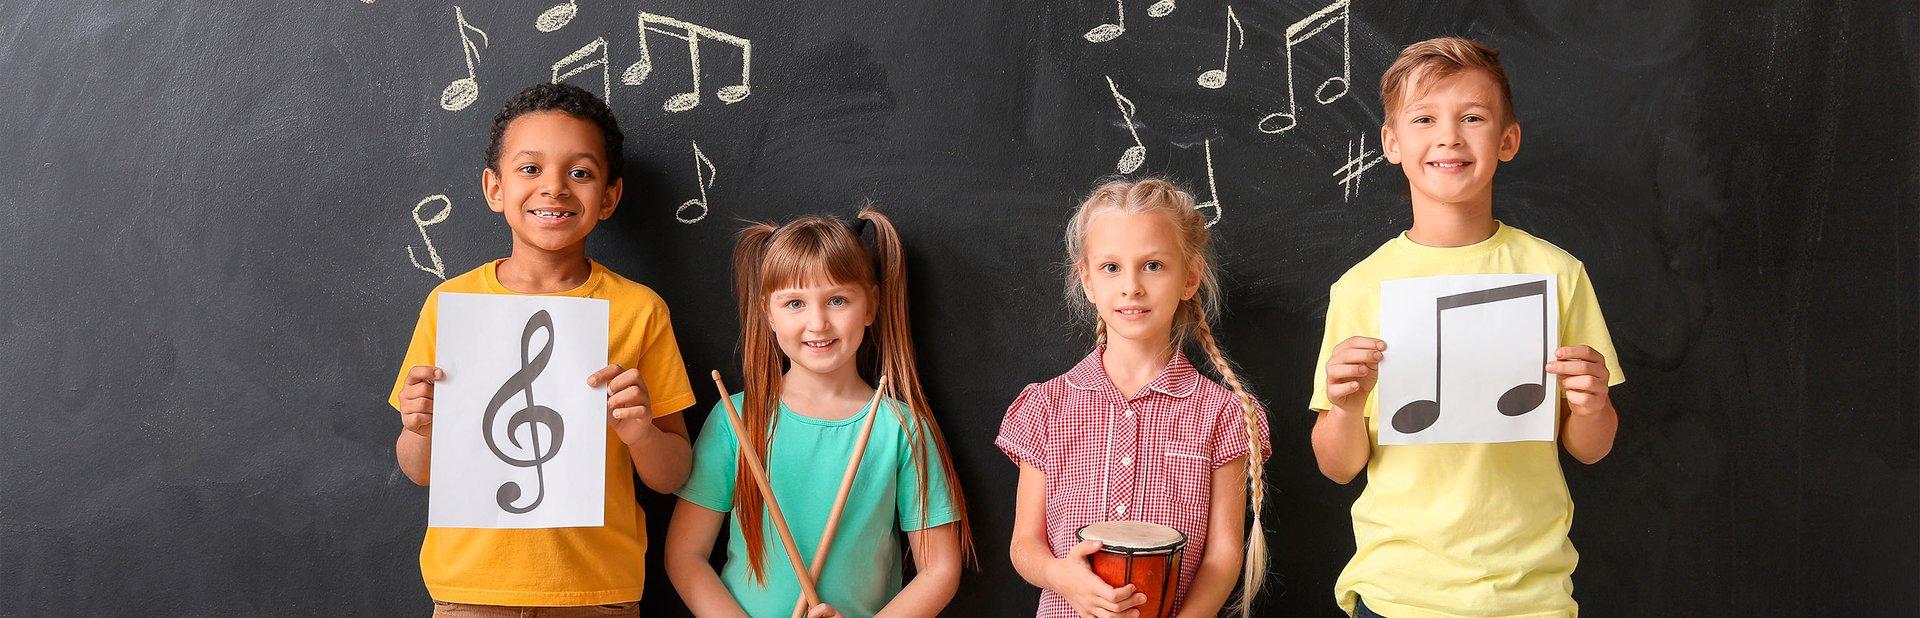 mención educación musical online